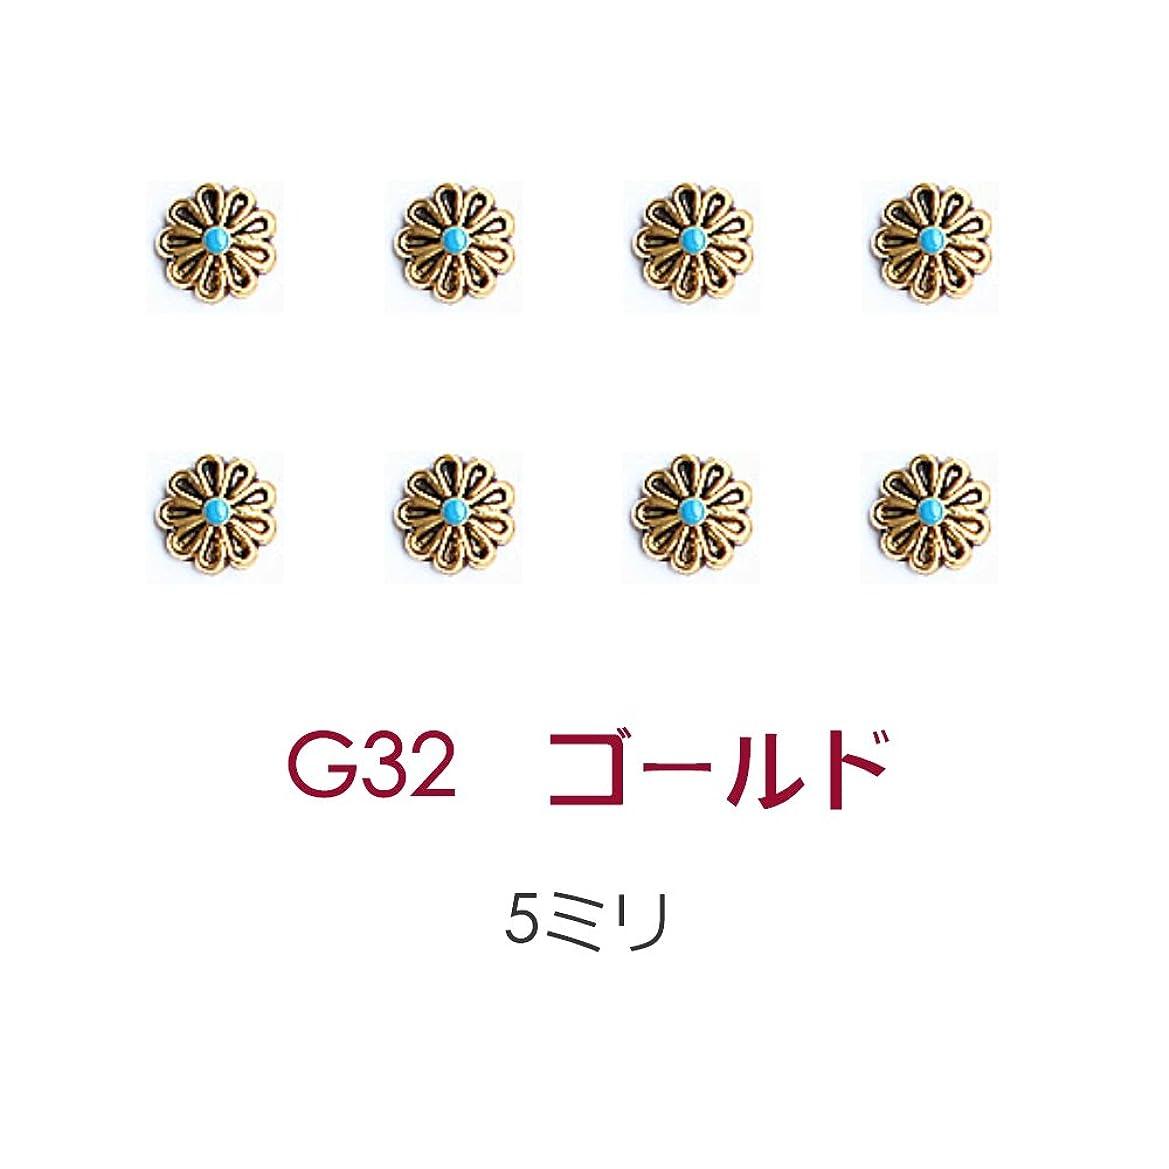 内部スケッチつばG32(5ミリ) ゴールド 8個入り メタルパーツ コンチョ ターコイズ風 ゴールド シルバー ネイルパーツ スタッズ ネイル用品 GOLD SILVER アートパーツ アートパーツ デコ素材